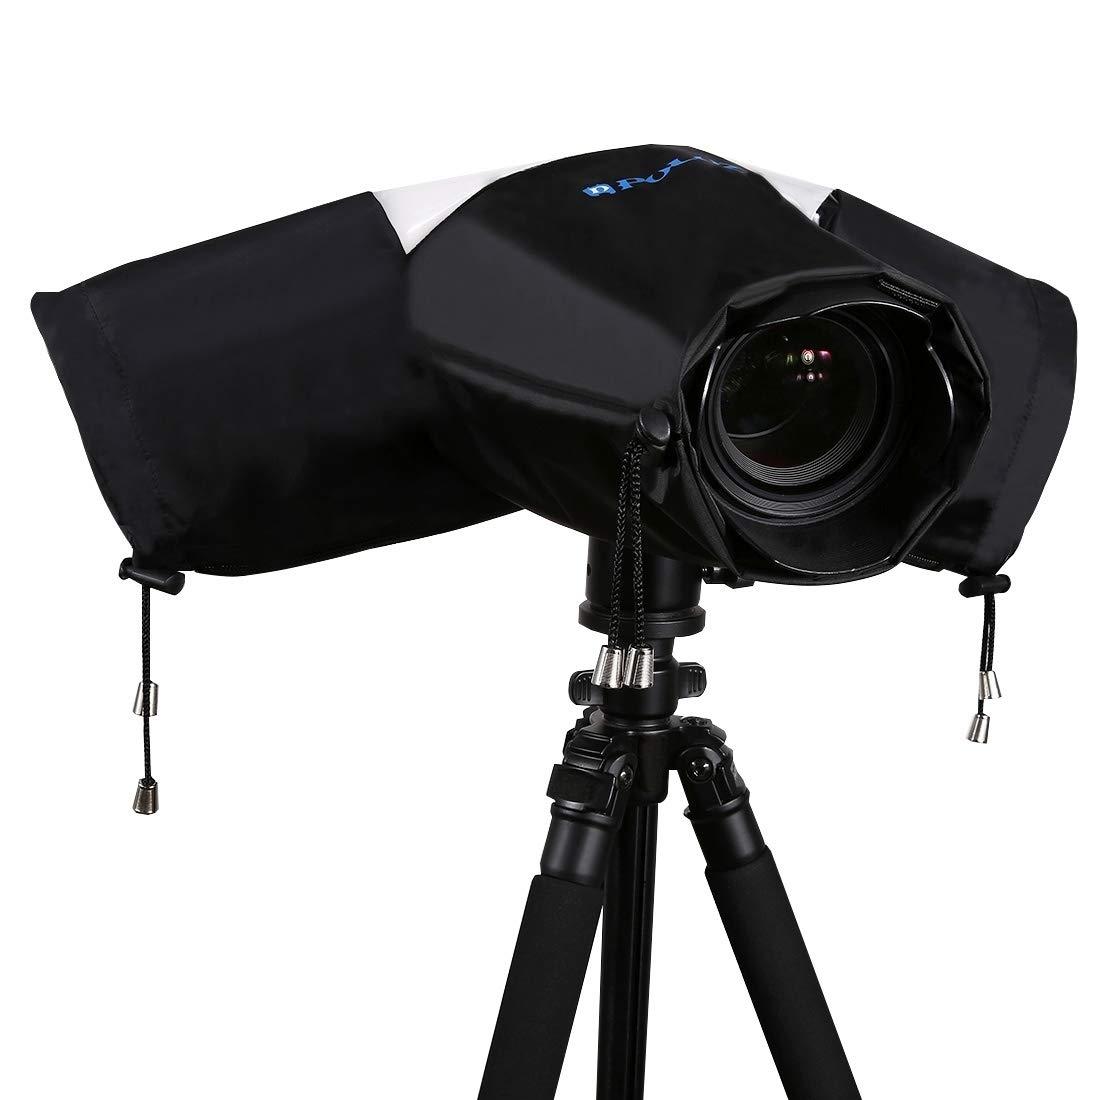 ShenBiadolr レインカバー 防雨カバーケース デジタル一眼レフカメラ&一眼レフカメラ用, ShenBiadolr B07MH51ZBJ Rainproof cover